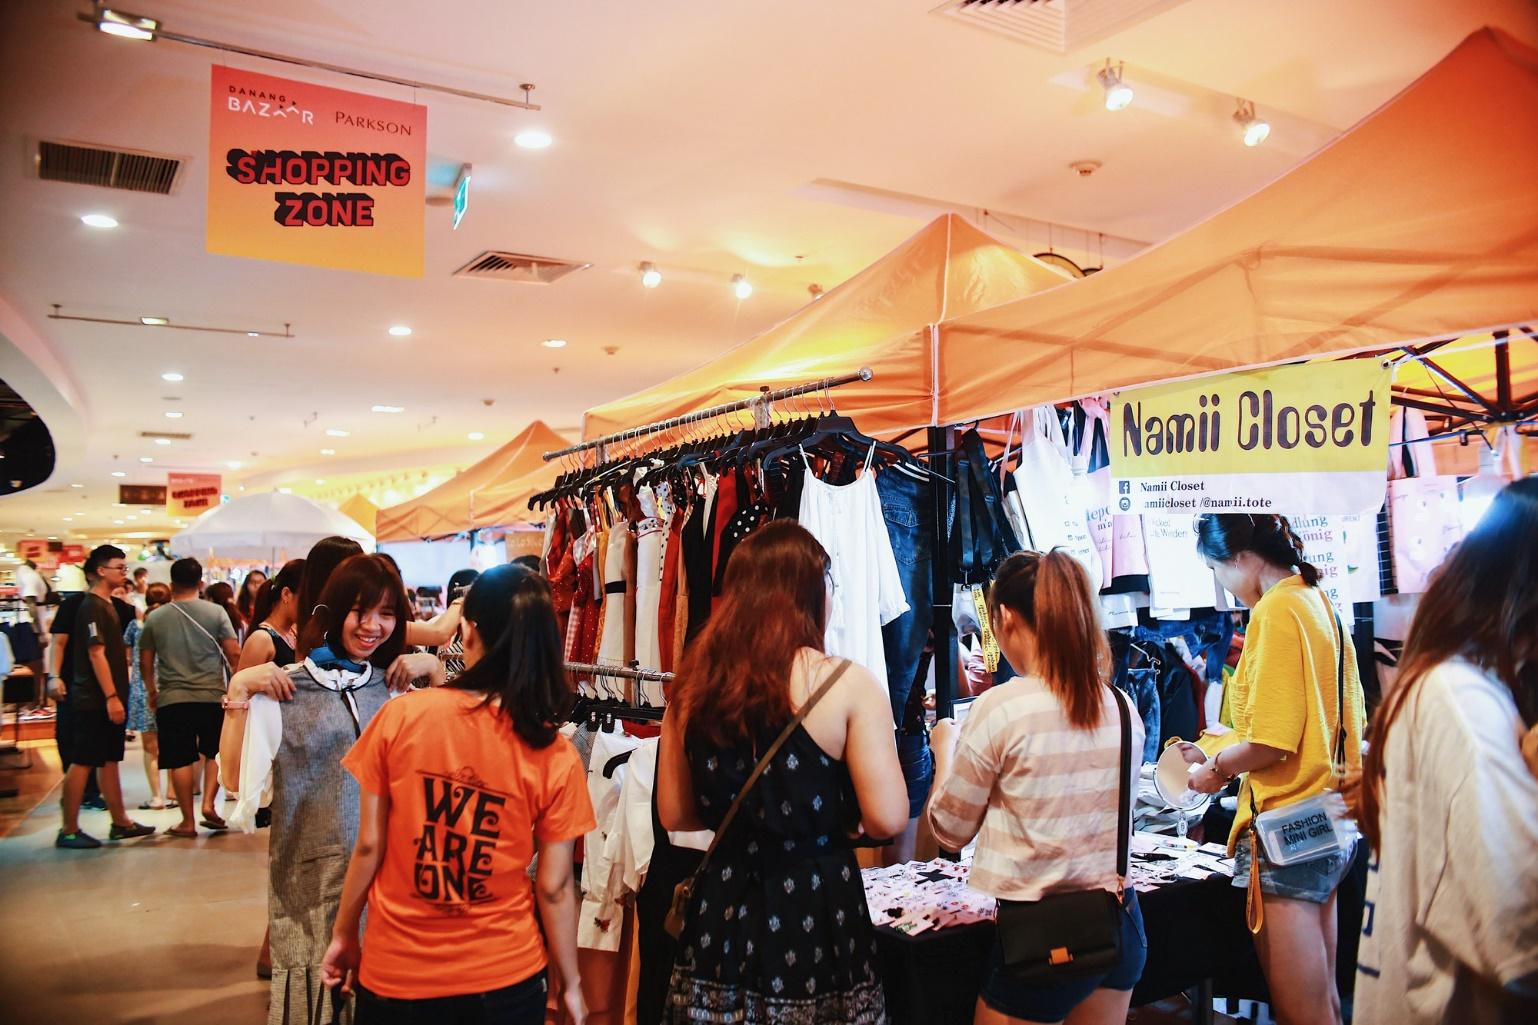 Lâu lắm rồi, Đà Nẵng mới có một chợ phiên khiến giới trẻ chờ mong đến thế này! - Ảnh 5.